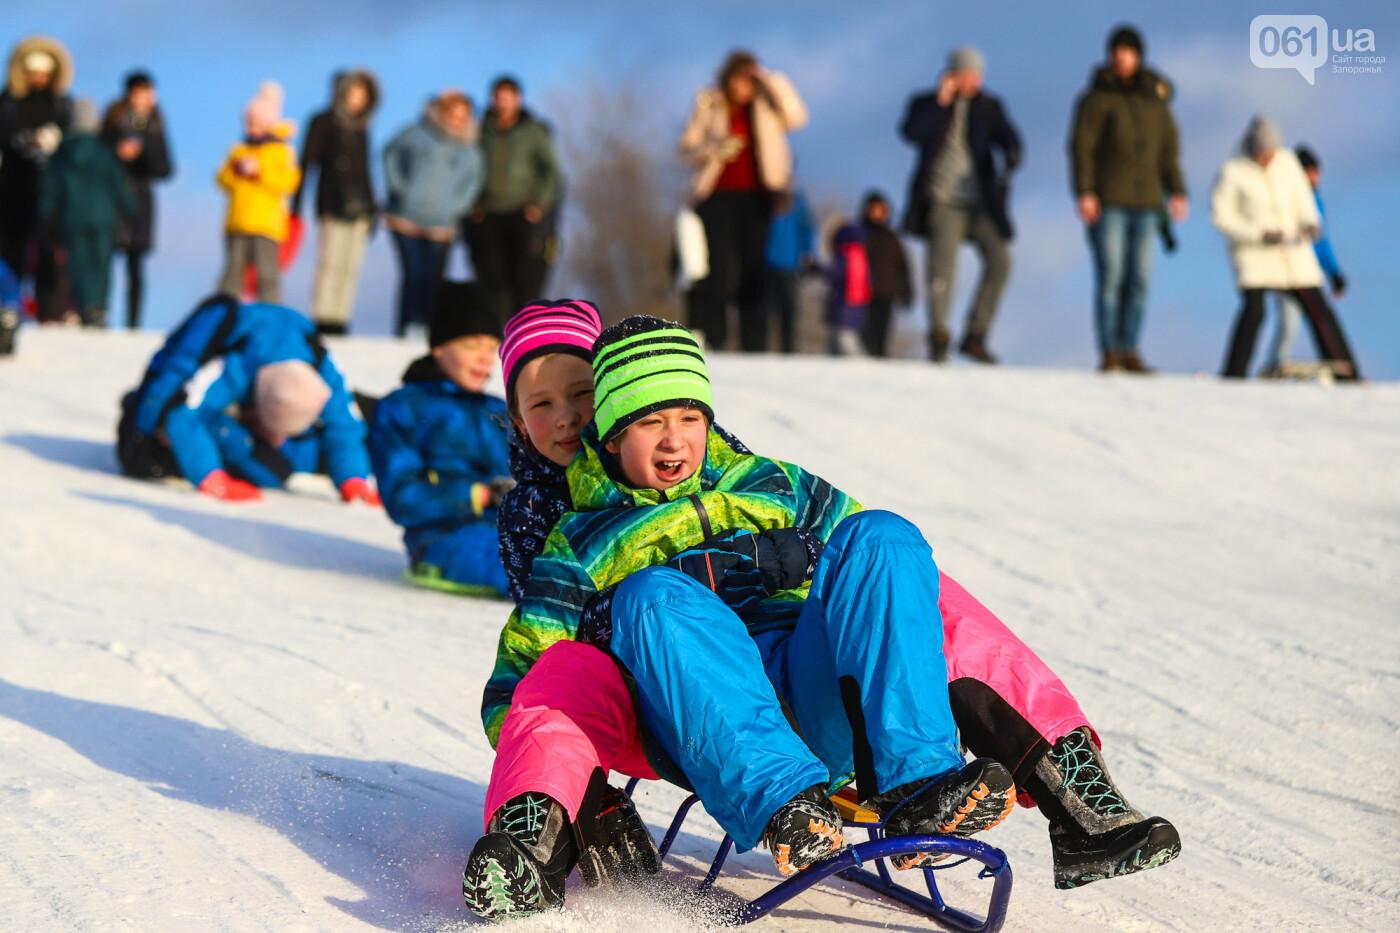 На санках, лыжах и сноуборде: запорожцы устроили массовое катание с горок в Вознесеновском парке, - ФОТОРЕПОРТАЖ, фото-56